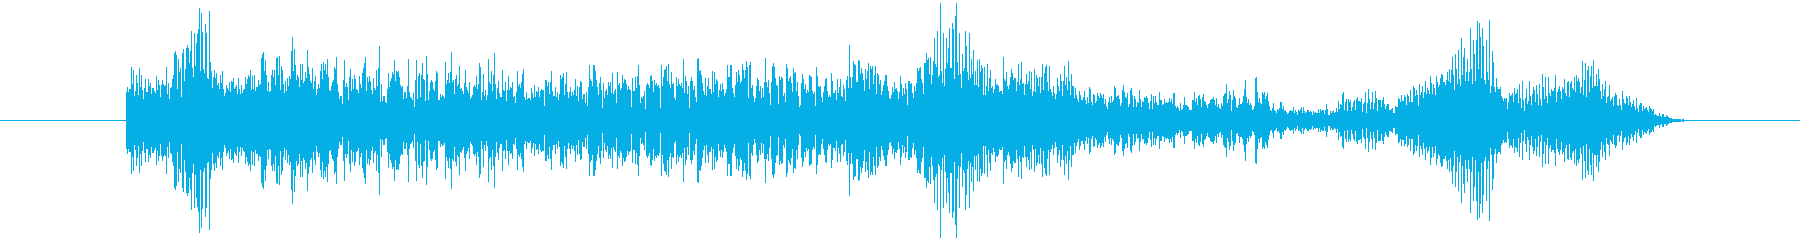 ヤギ Baaingヤギ04の再生済みの波形